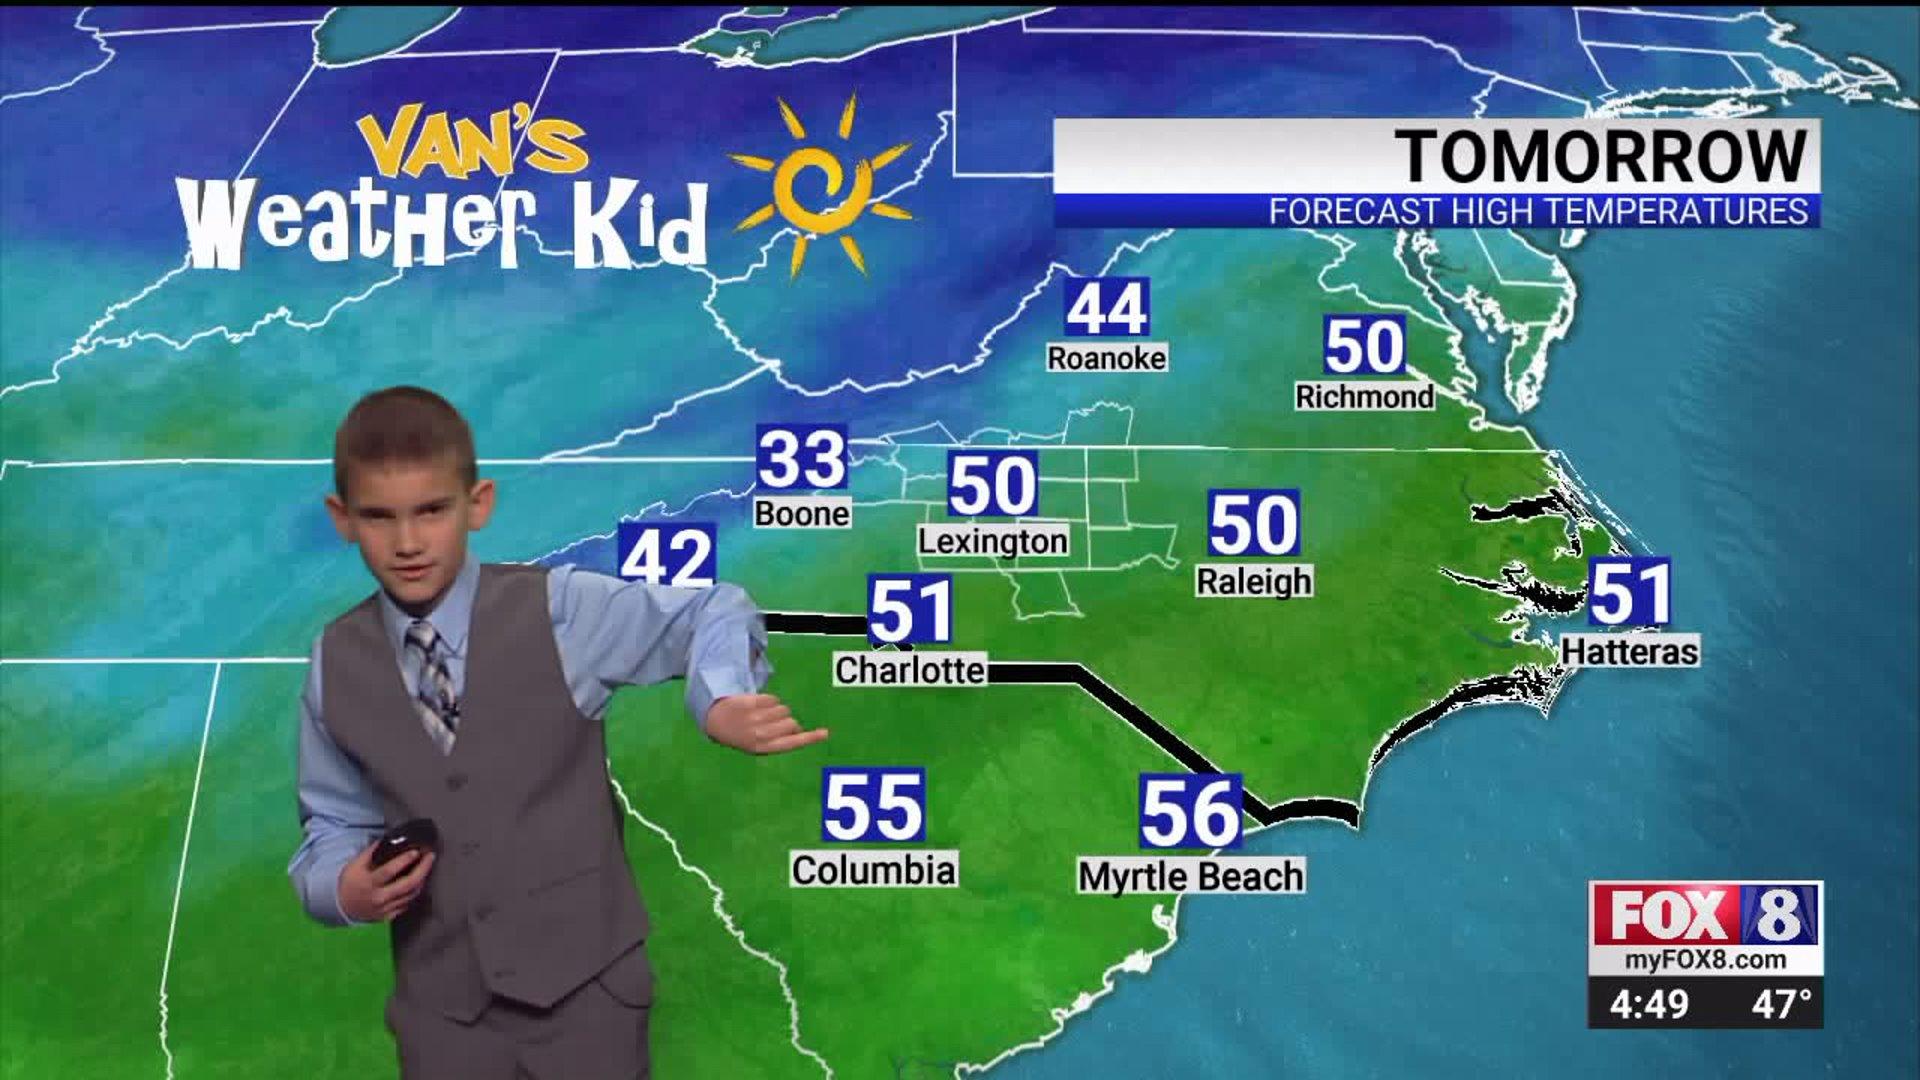 Van's Weather Kids: Alex Blackwelder